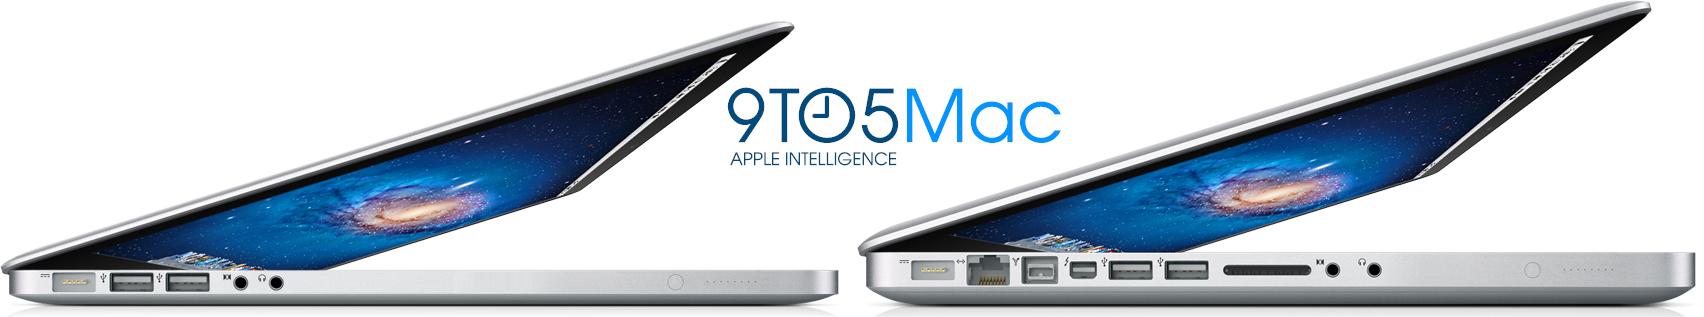 ↪ Barclays: uus NAND-salvestusruumiga MacBooks Pro peaks tõesti nõudlust Macide järele stimuleerima